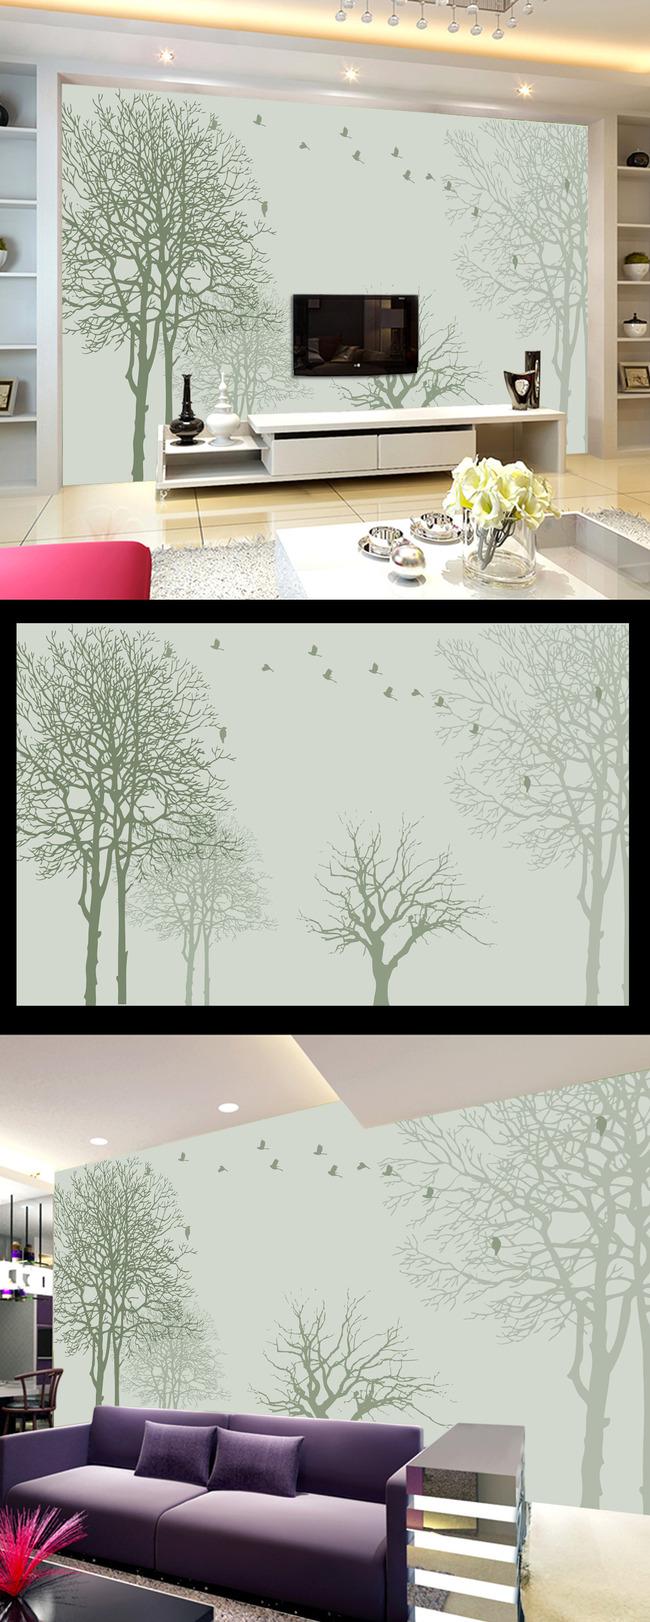 抽象树藤电视背景墙装饰画